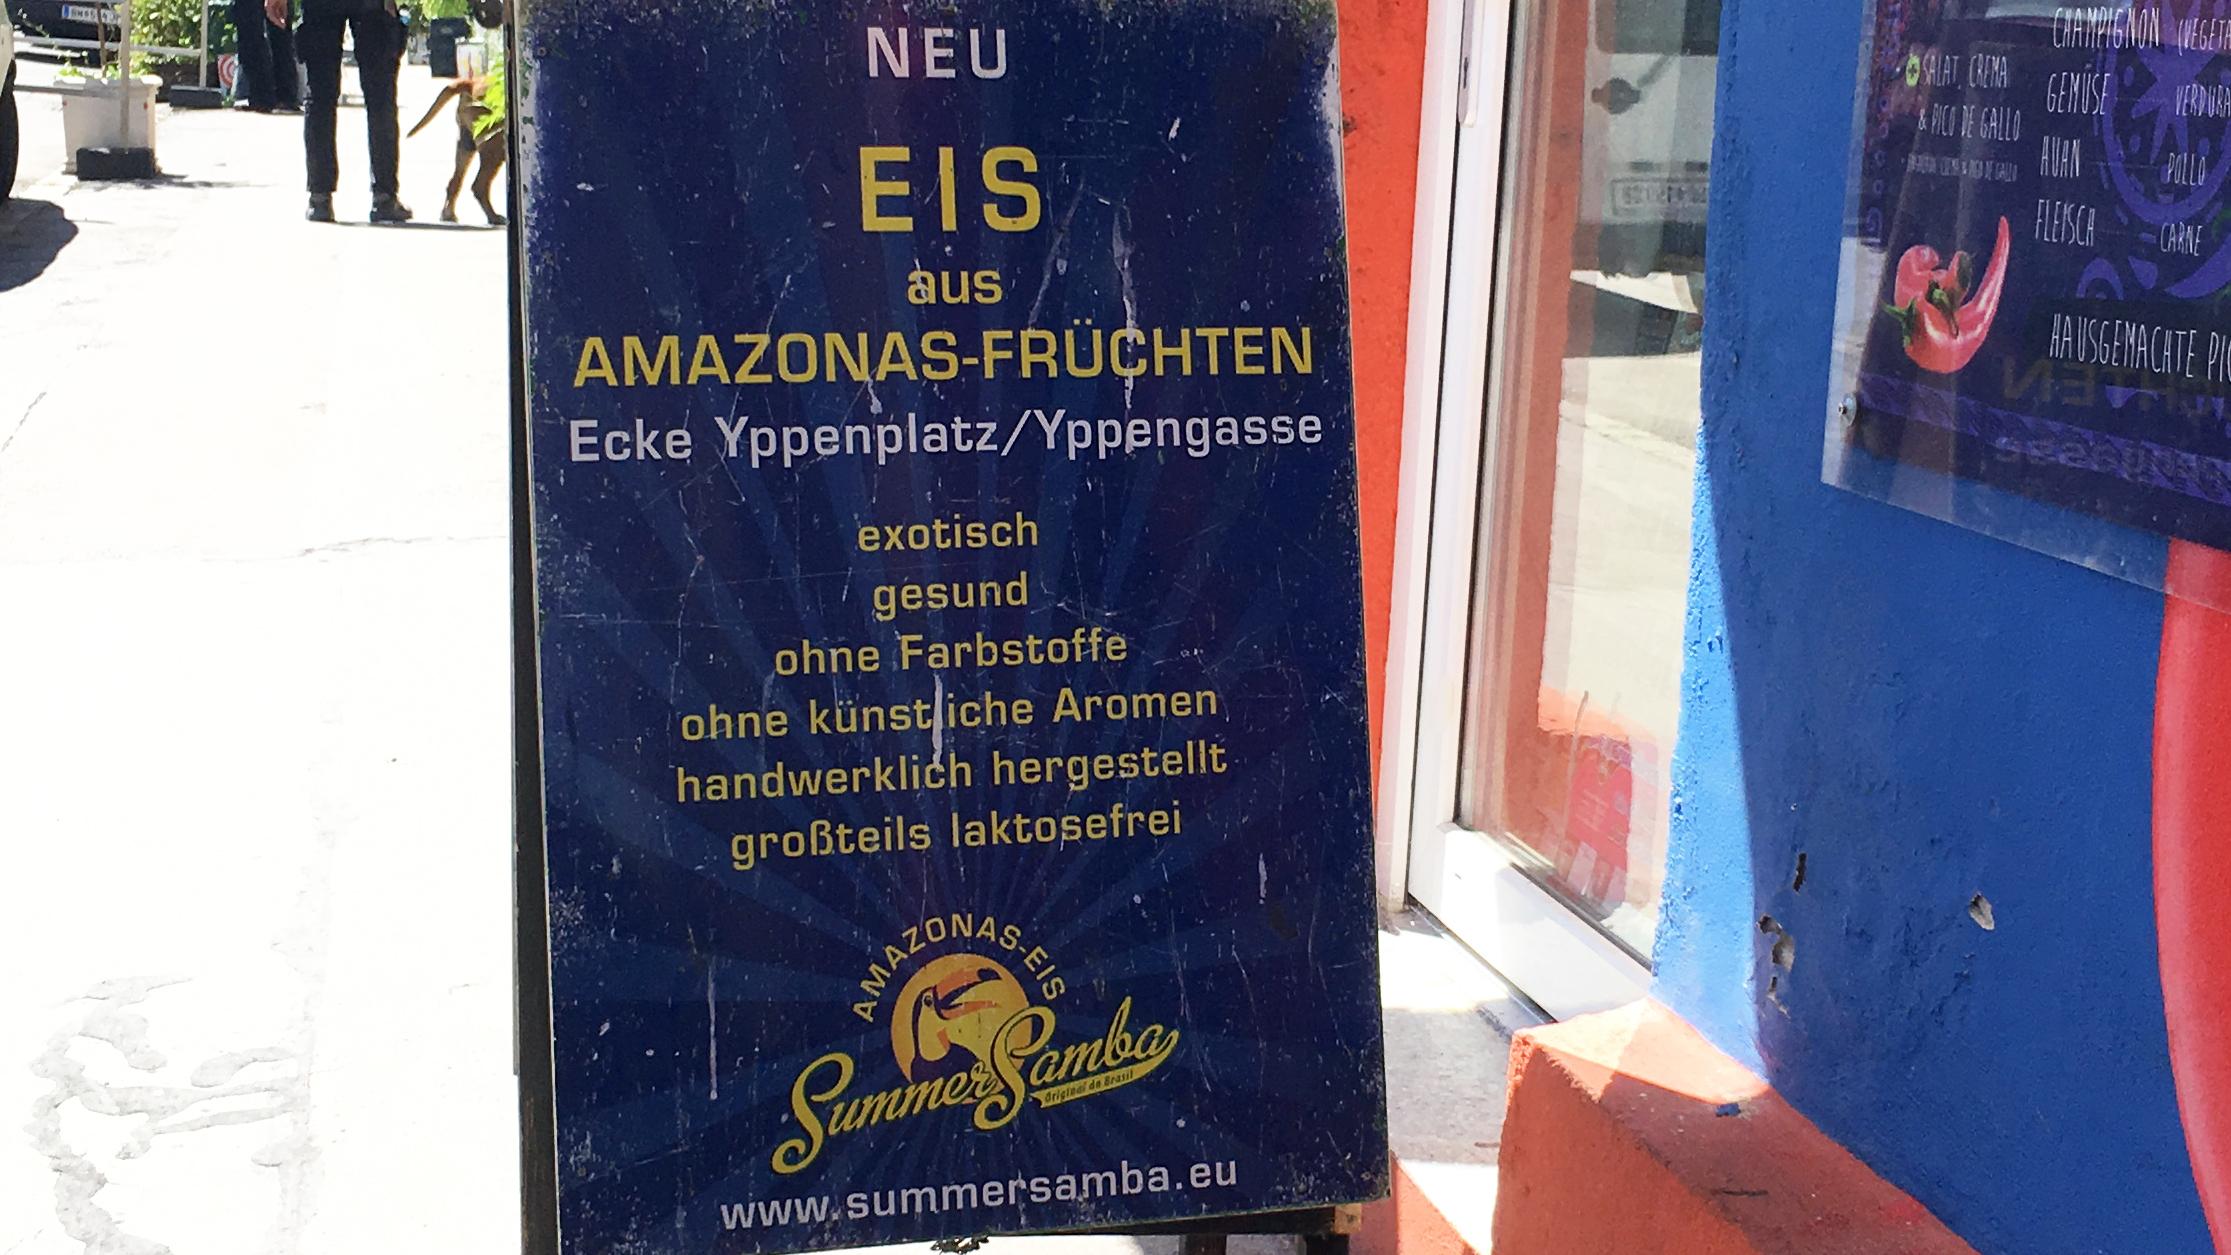 Eisgeschäft: Exotischer Fruchtgenuss mitten in Wien